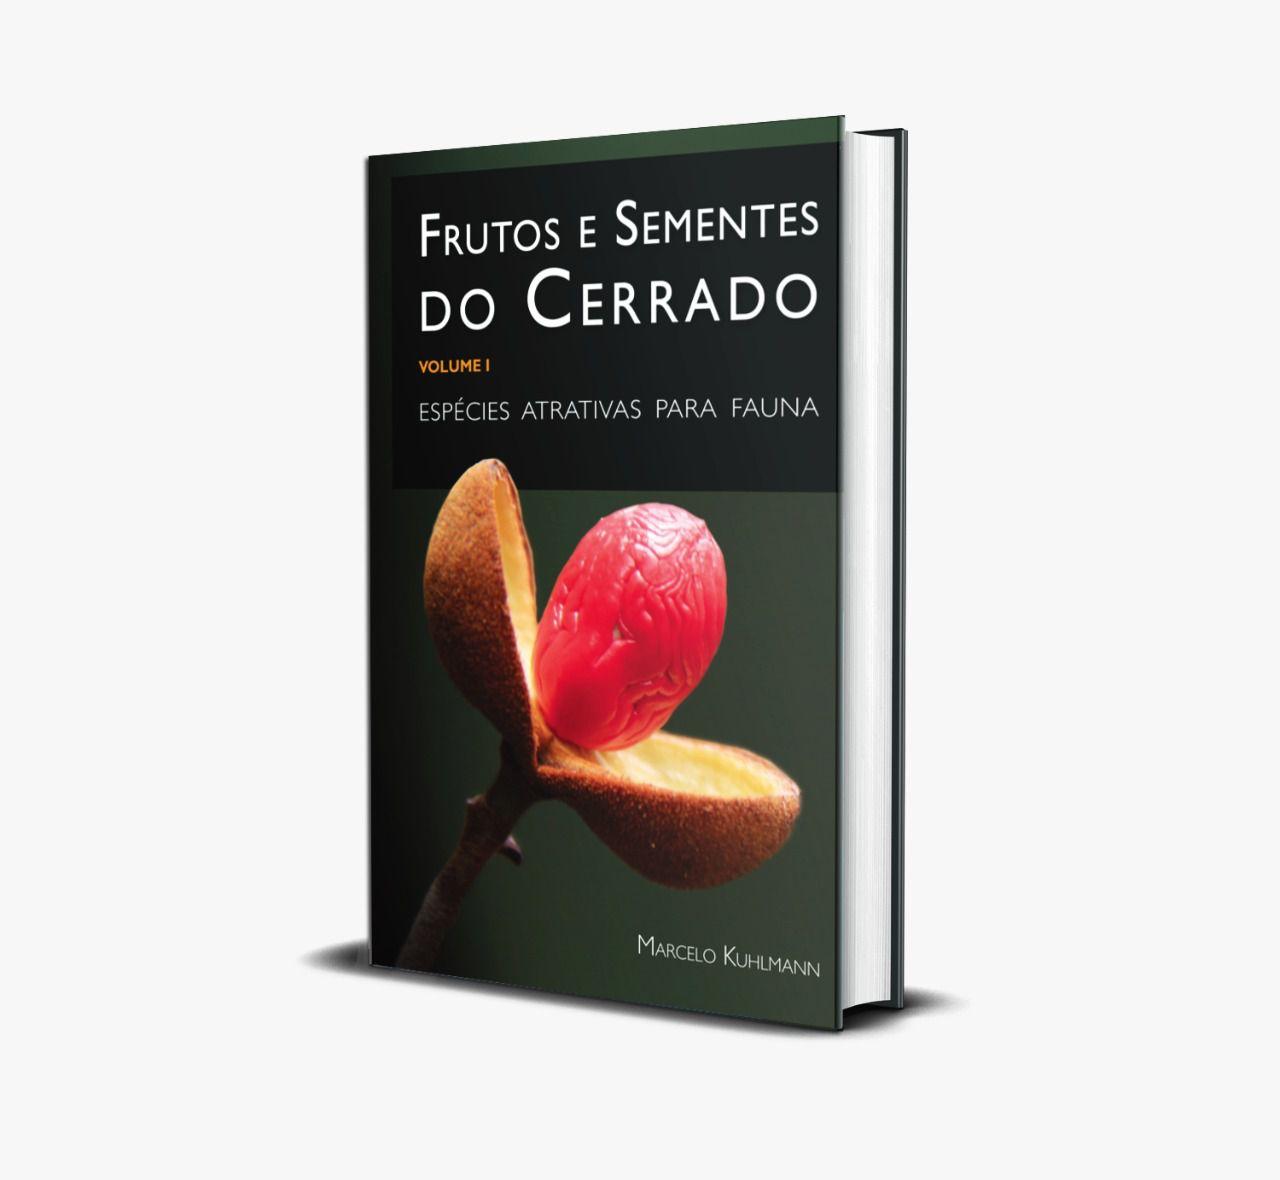 FRUTOS E SEMENTES DO CERRADO - VOLUME I